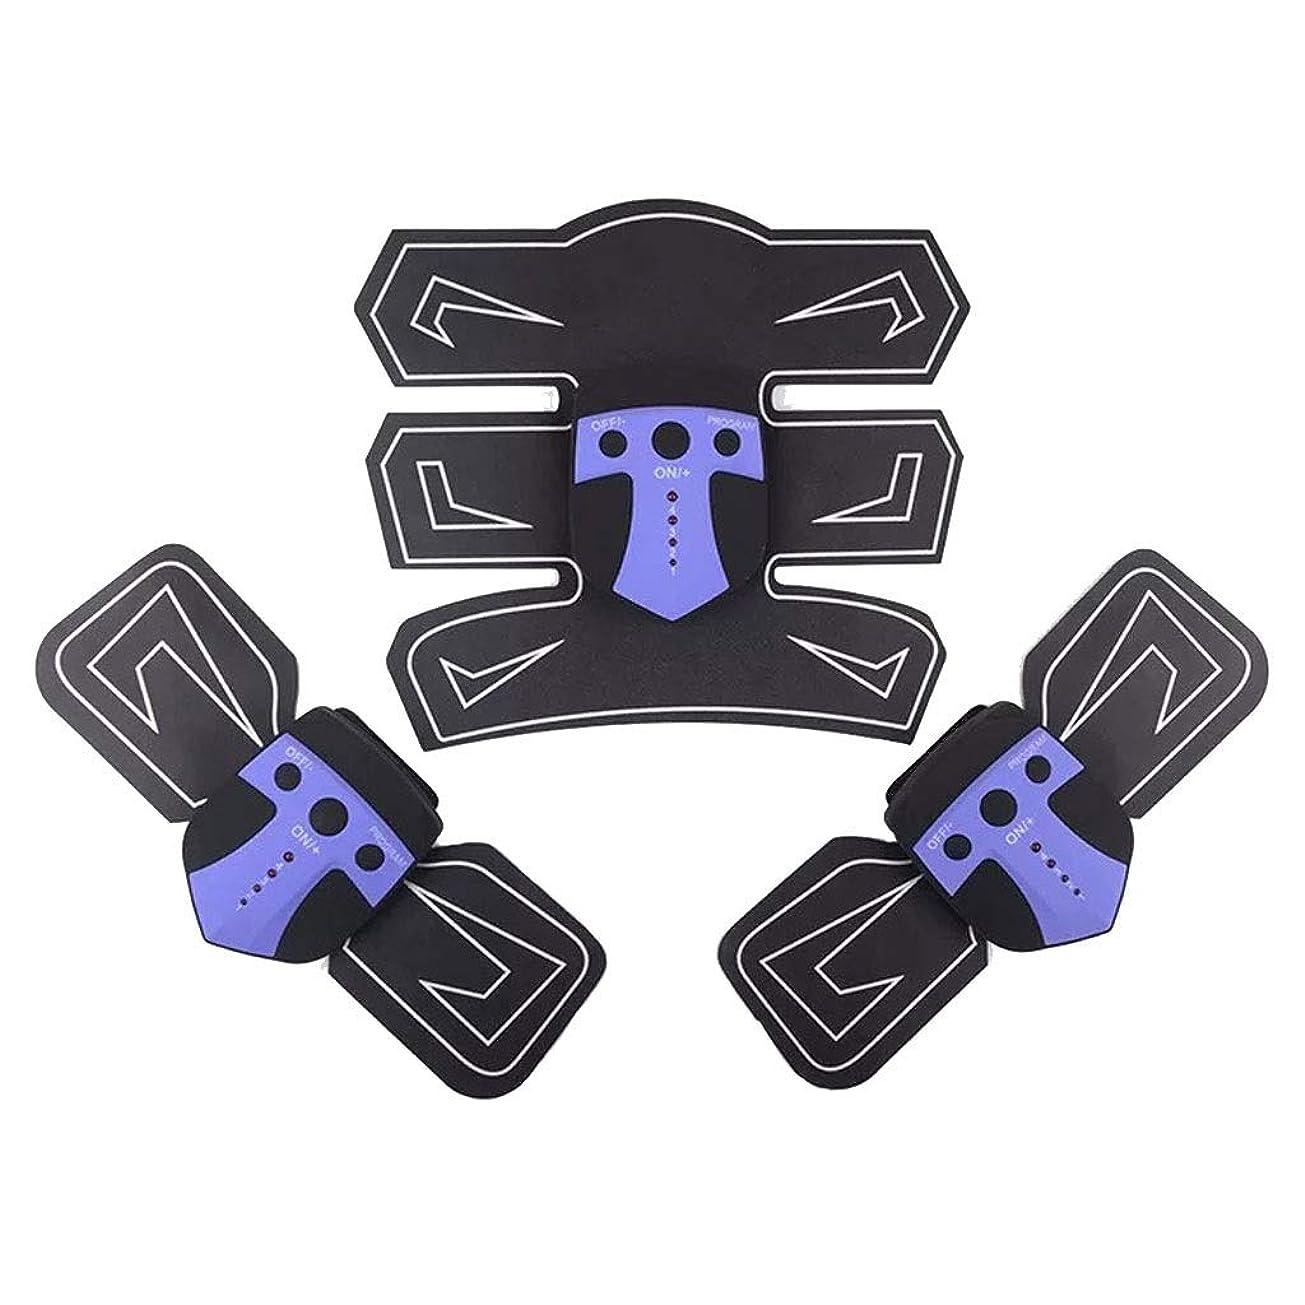 ストラトフォードオンエイボン出撃者森林筋肉刺激装置、EMS腹筋トレーナー腹部ベルトUSB充電式筋肉用トナー腹筋腕用脚腹筋サポートベルト男性用女性